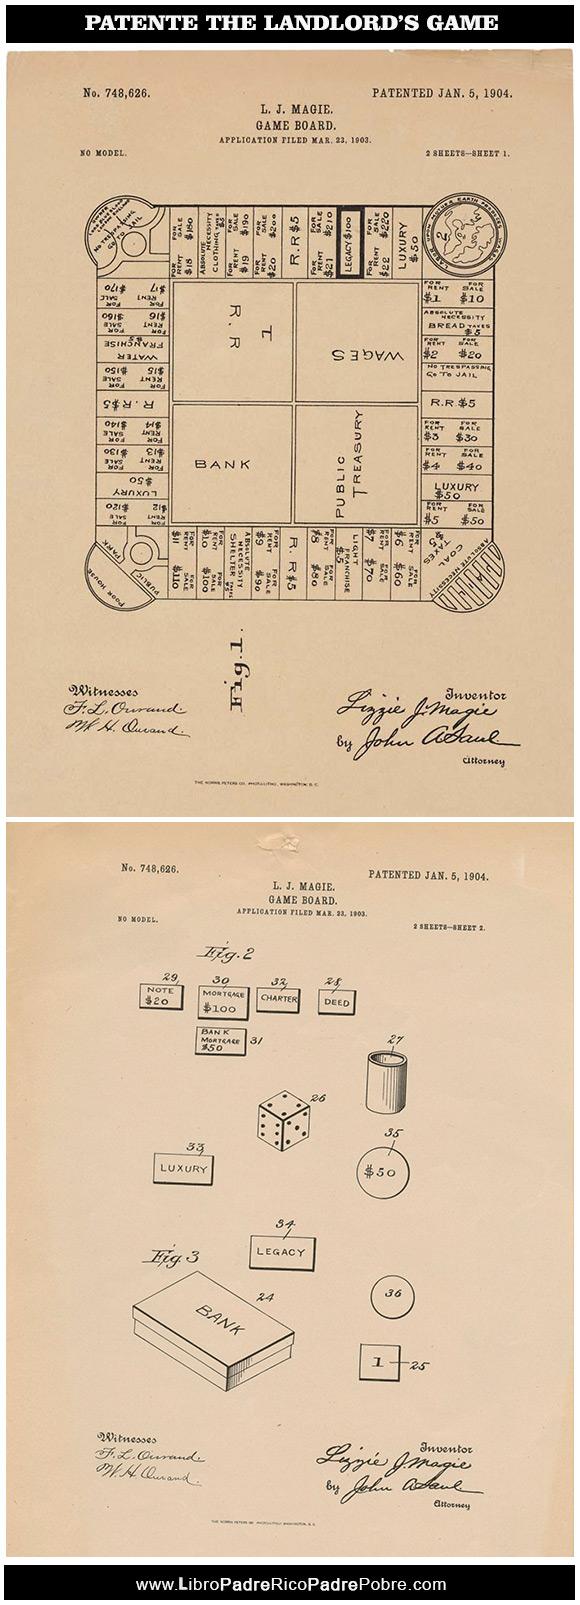 Patente del juego de mesa The Landlor's game - De Elizabeth Magie Phillips